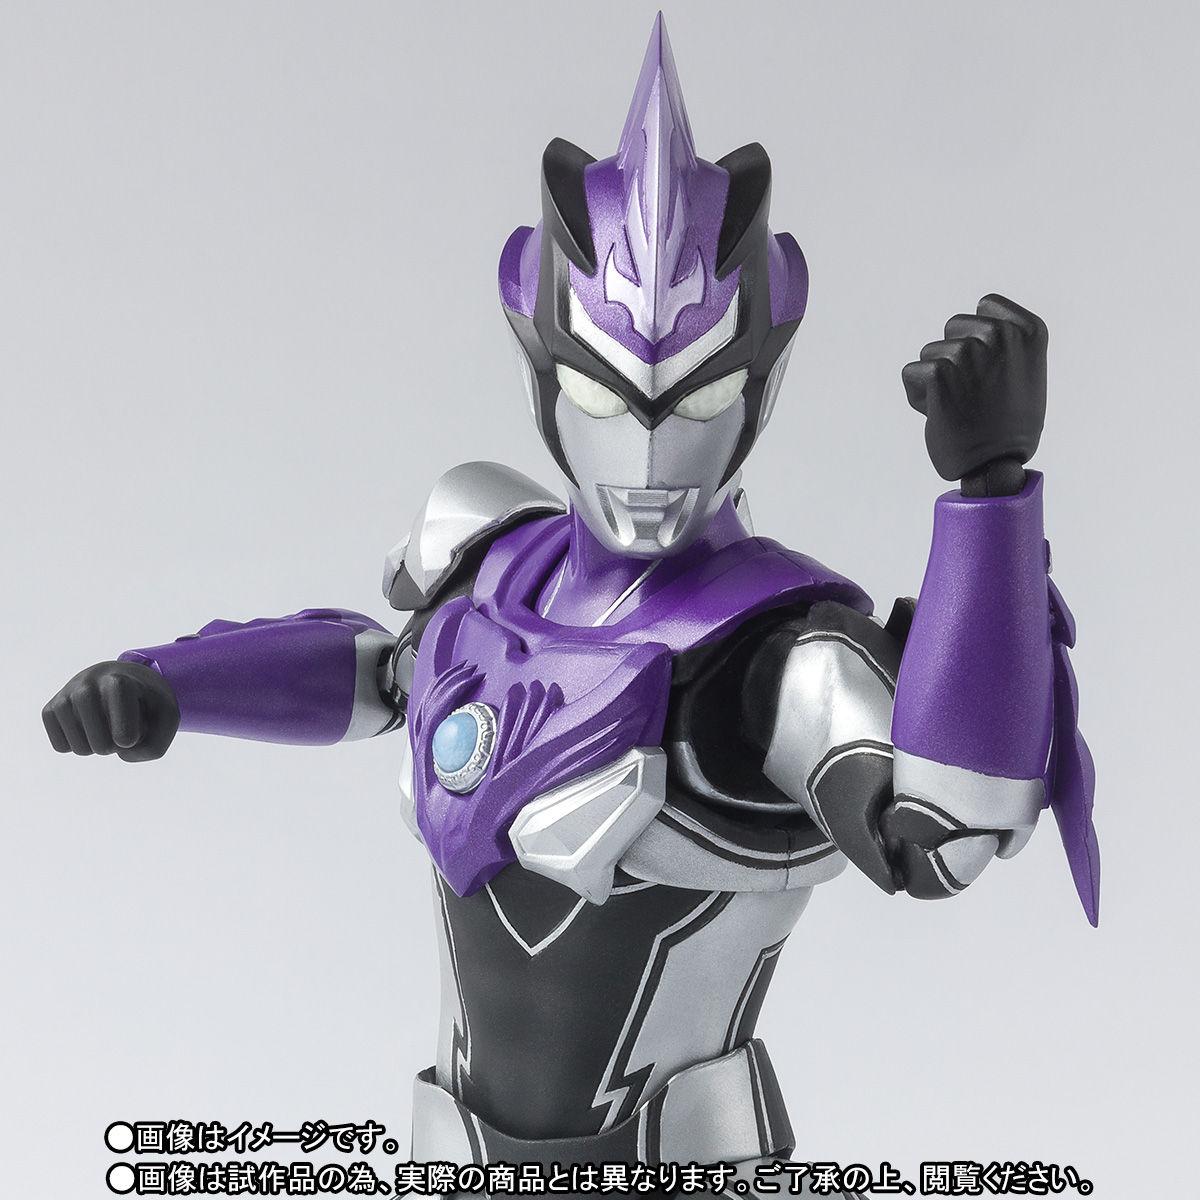 S.H.フィギュアーツ『ウルトラマンブル ウインド ウルトラマンR/B』可動フィギュア-001